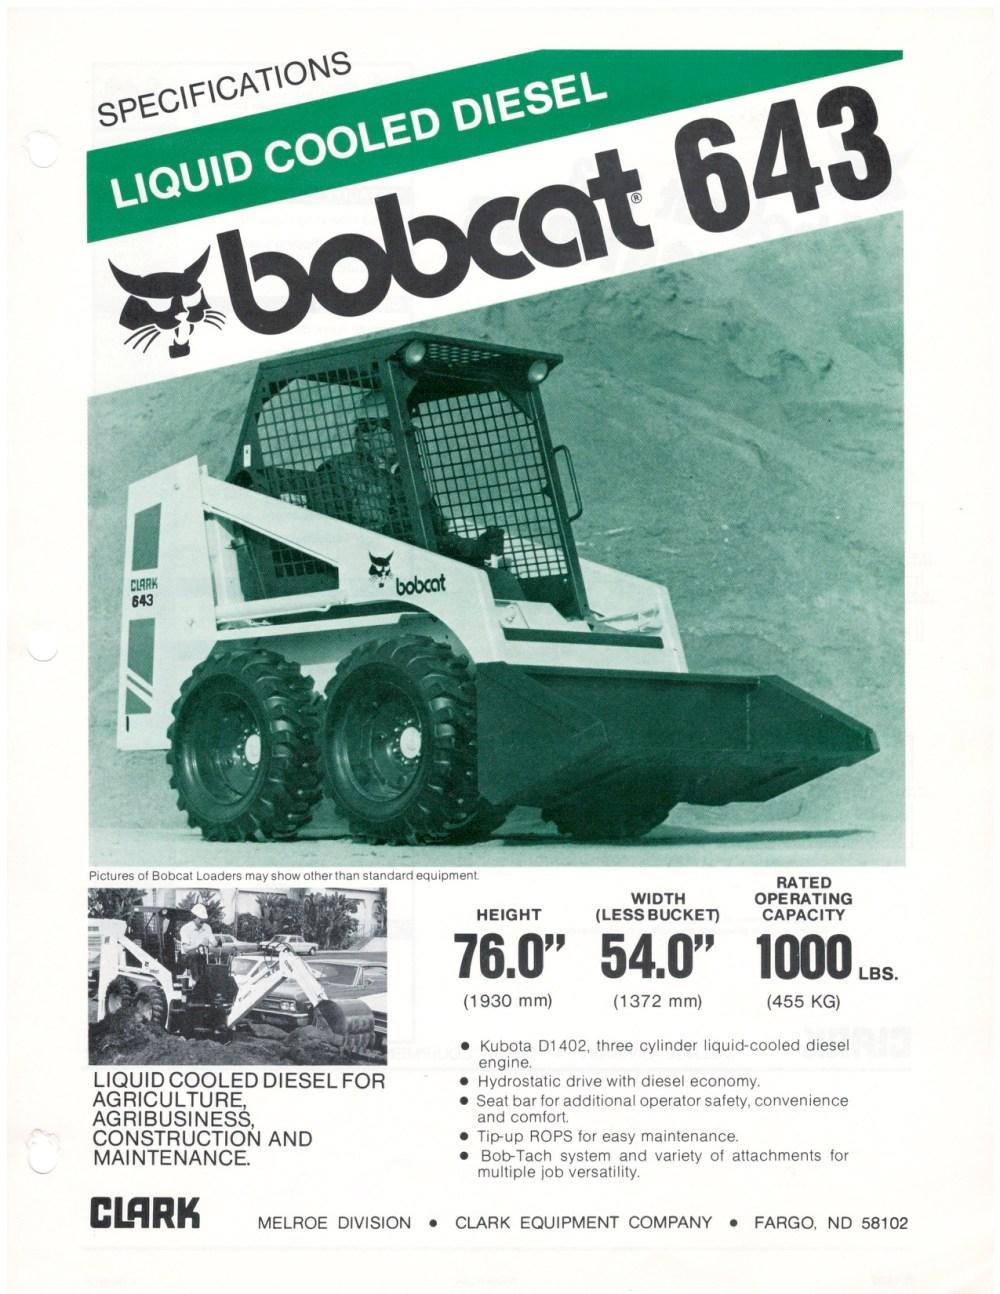 medium resolution of bobcat 643 spec sheet 1981